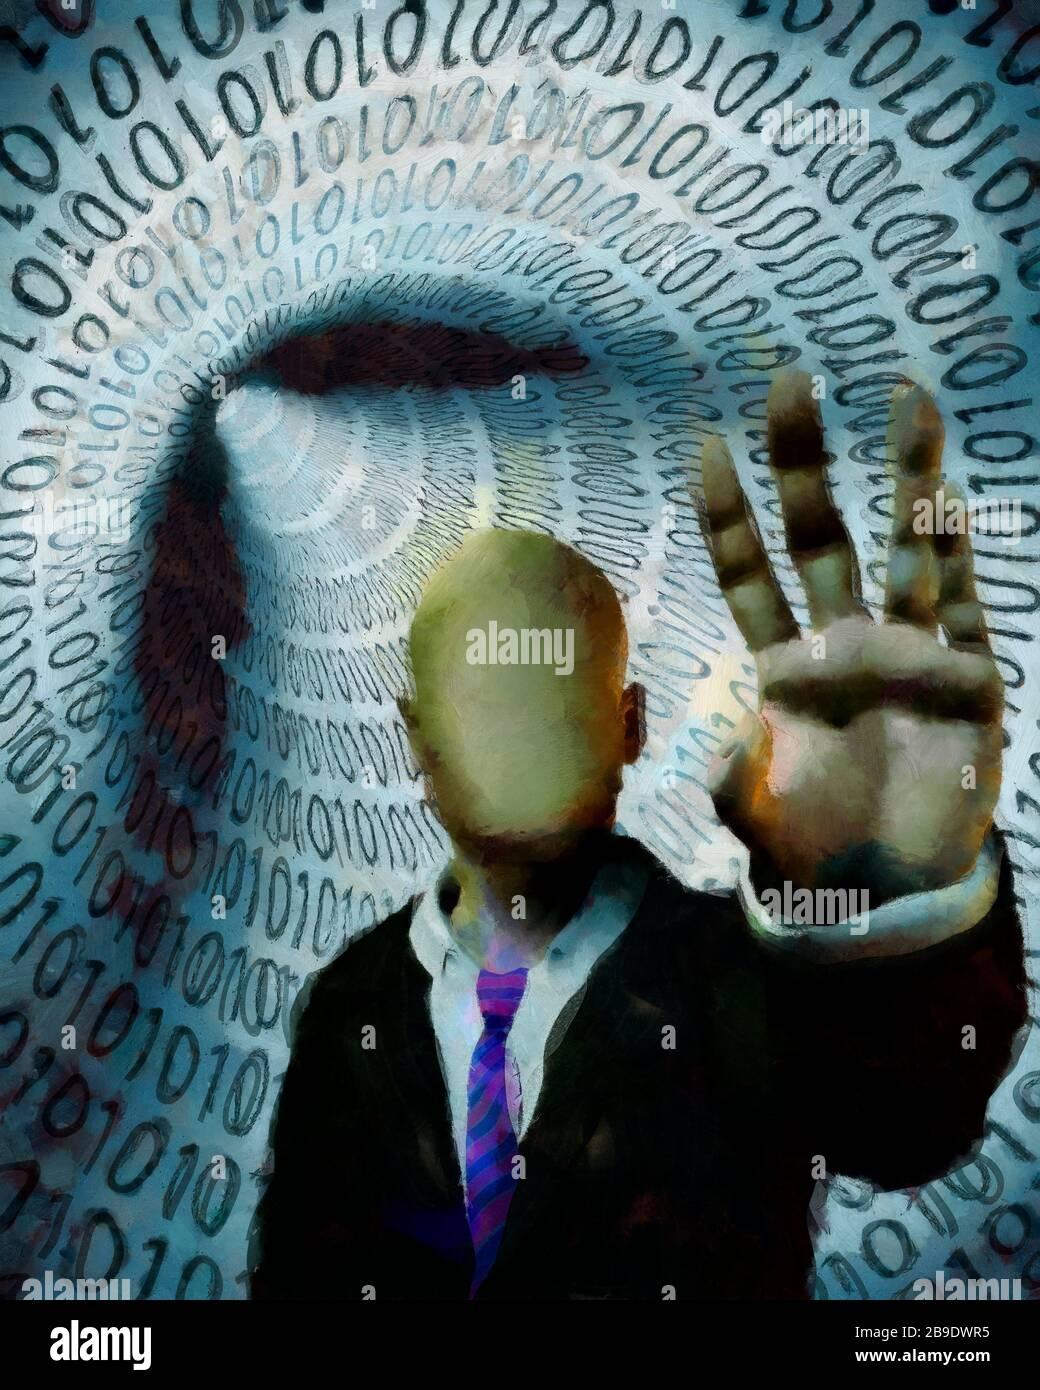 L'homme sans visage en costume met en garde. Tunnel de code binaire en arrière-plan Banque D'Images